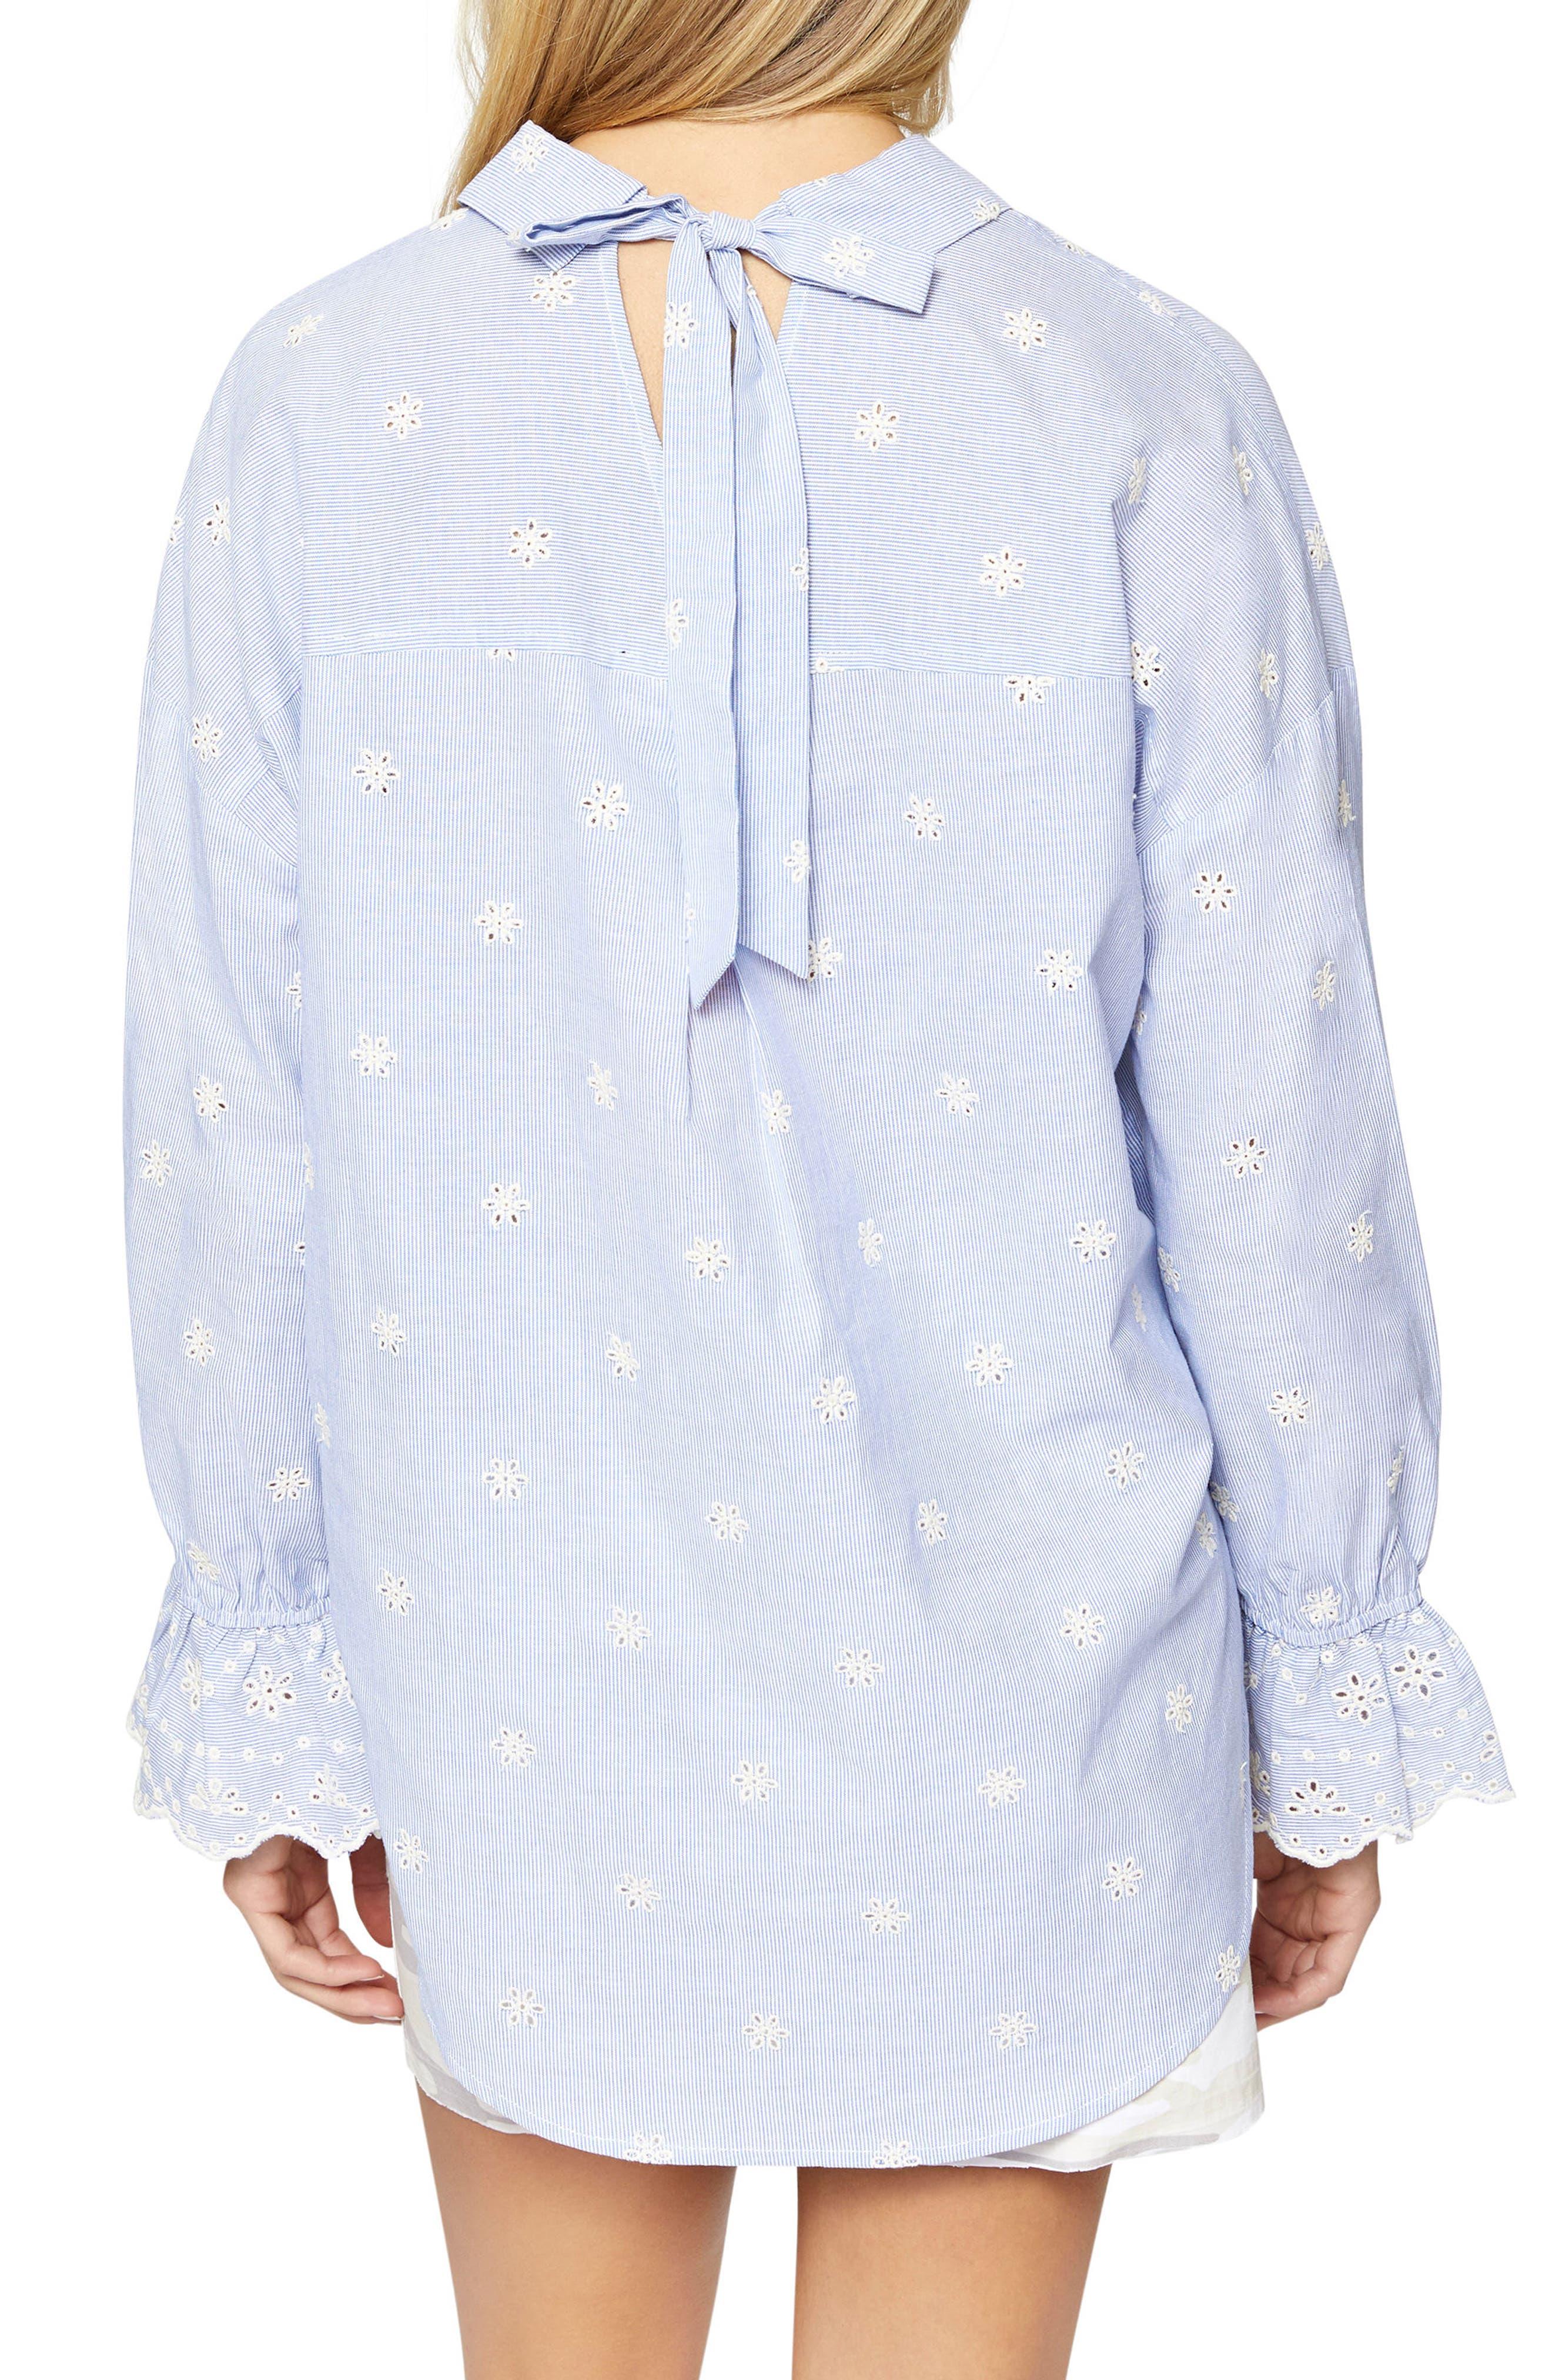 Hazel Boy Eyelet Shirt,                             Alternate thumbnail 2, color,                             496